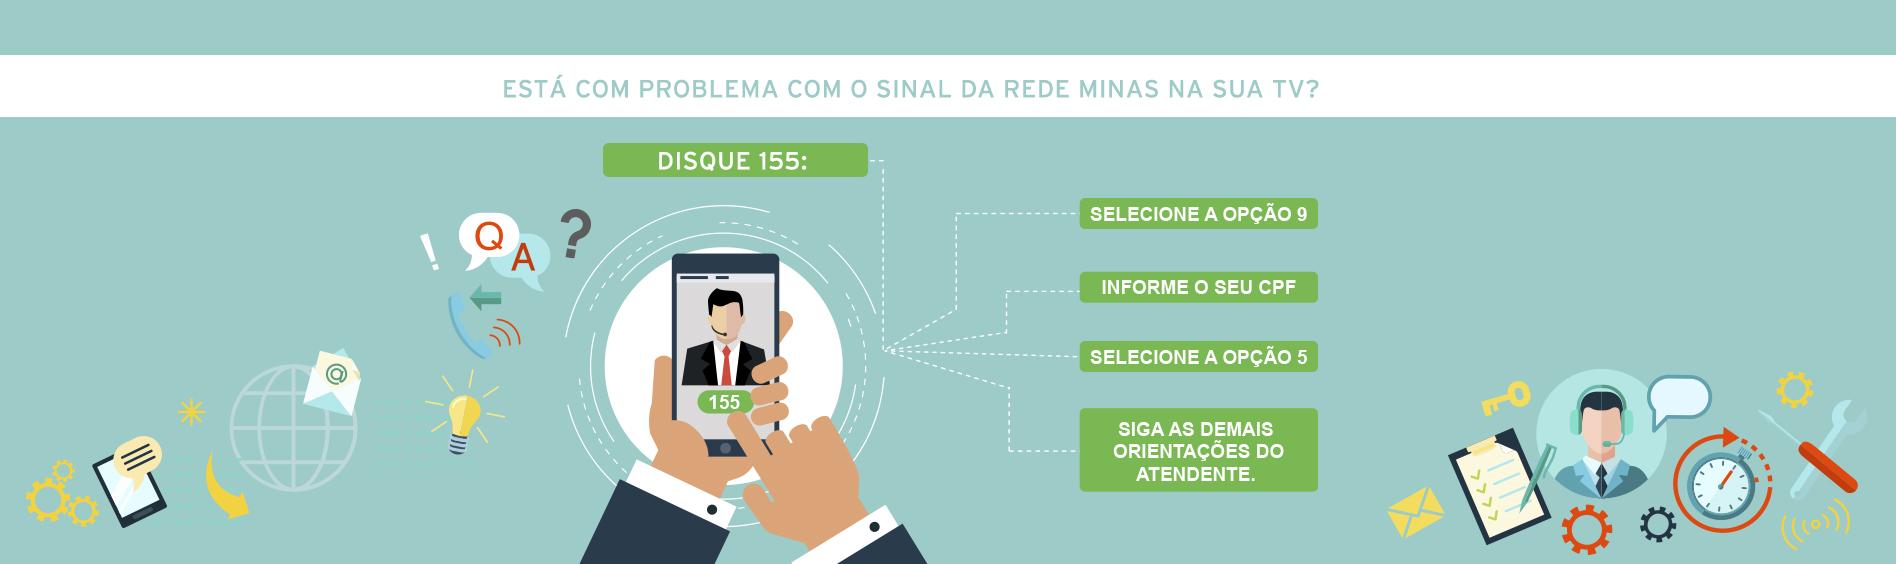 bannerSinalRedeMinas1